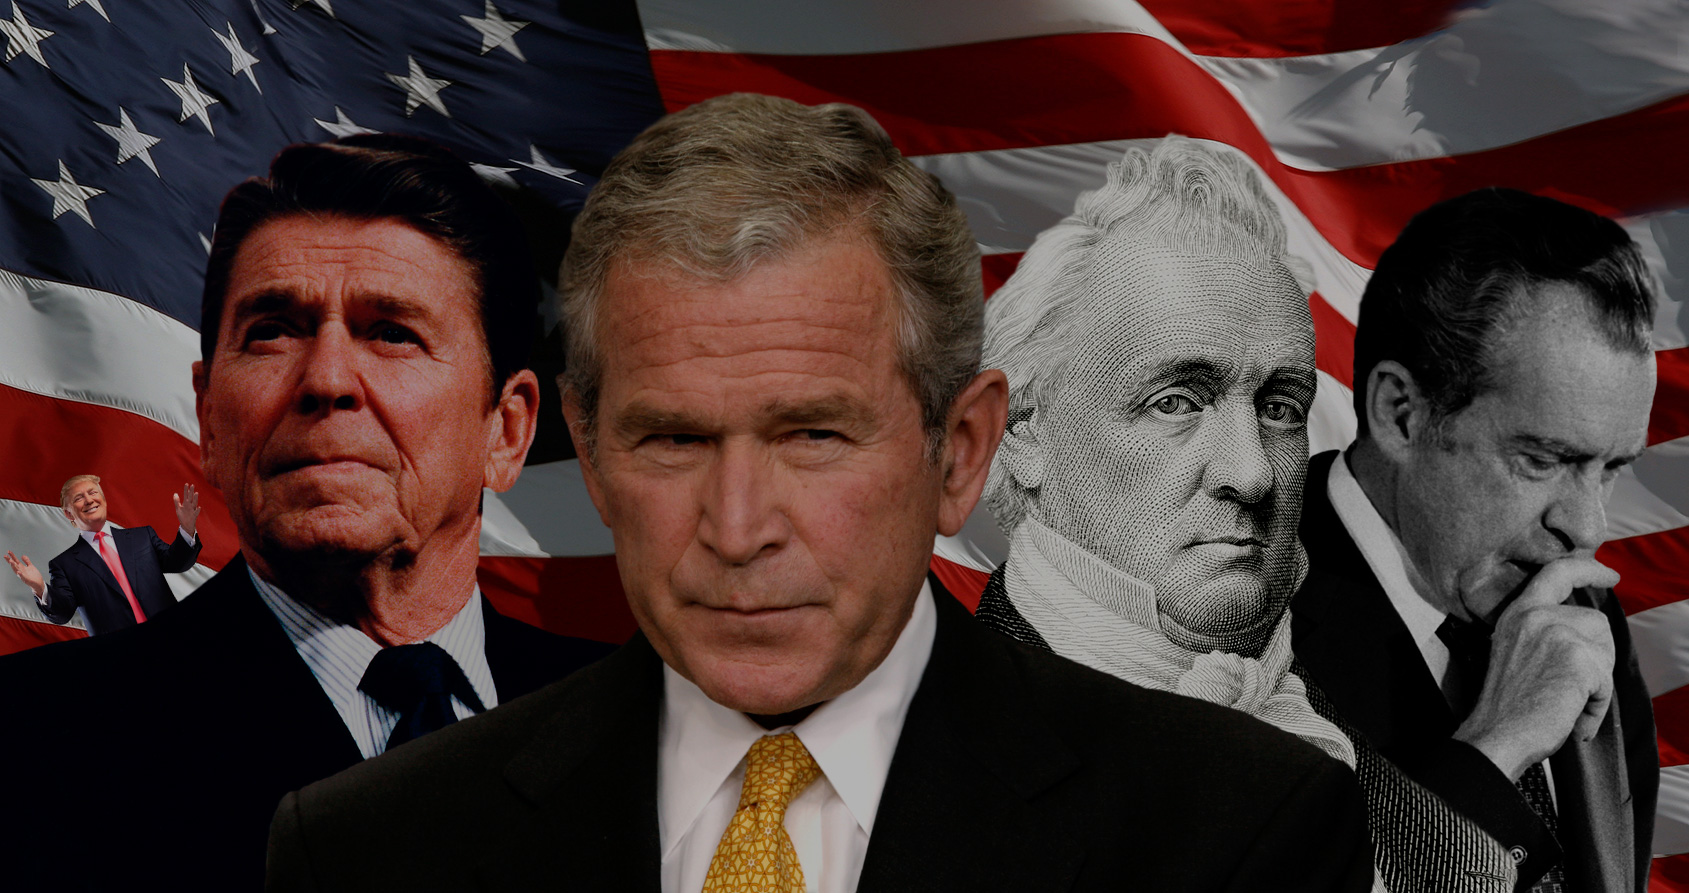 Avant Trump, qui était le pire président de l'histoire des États-Unis ?